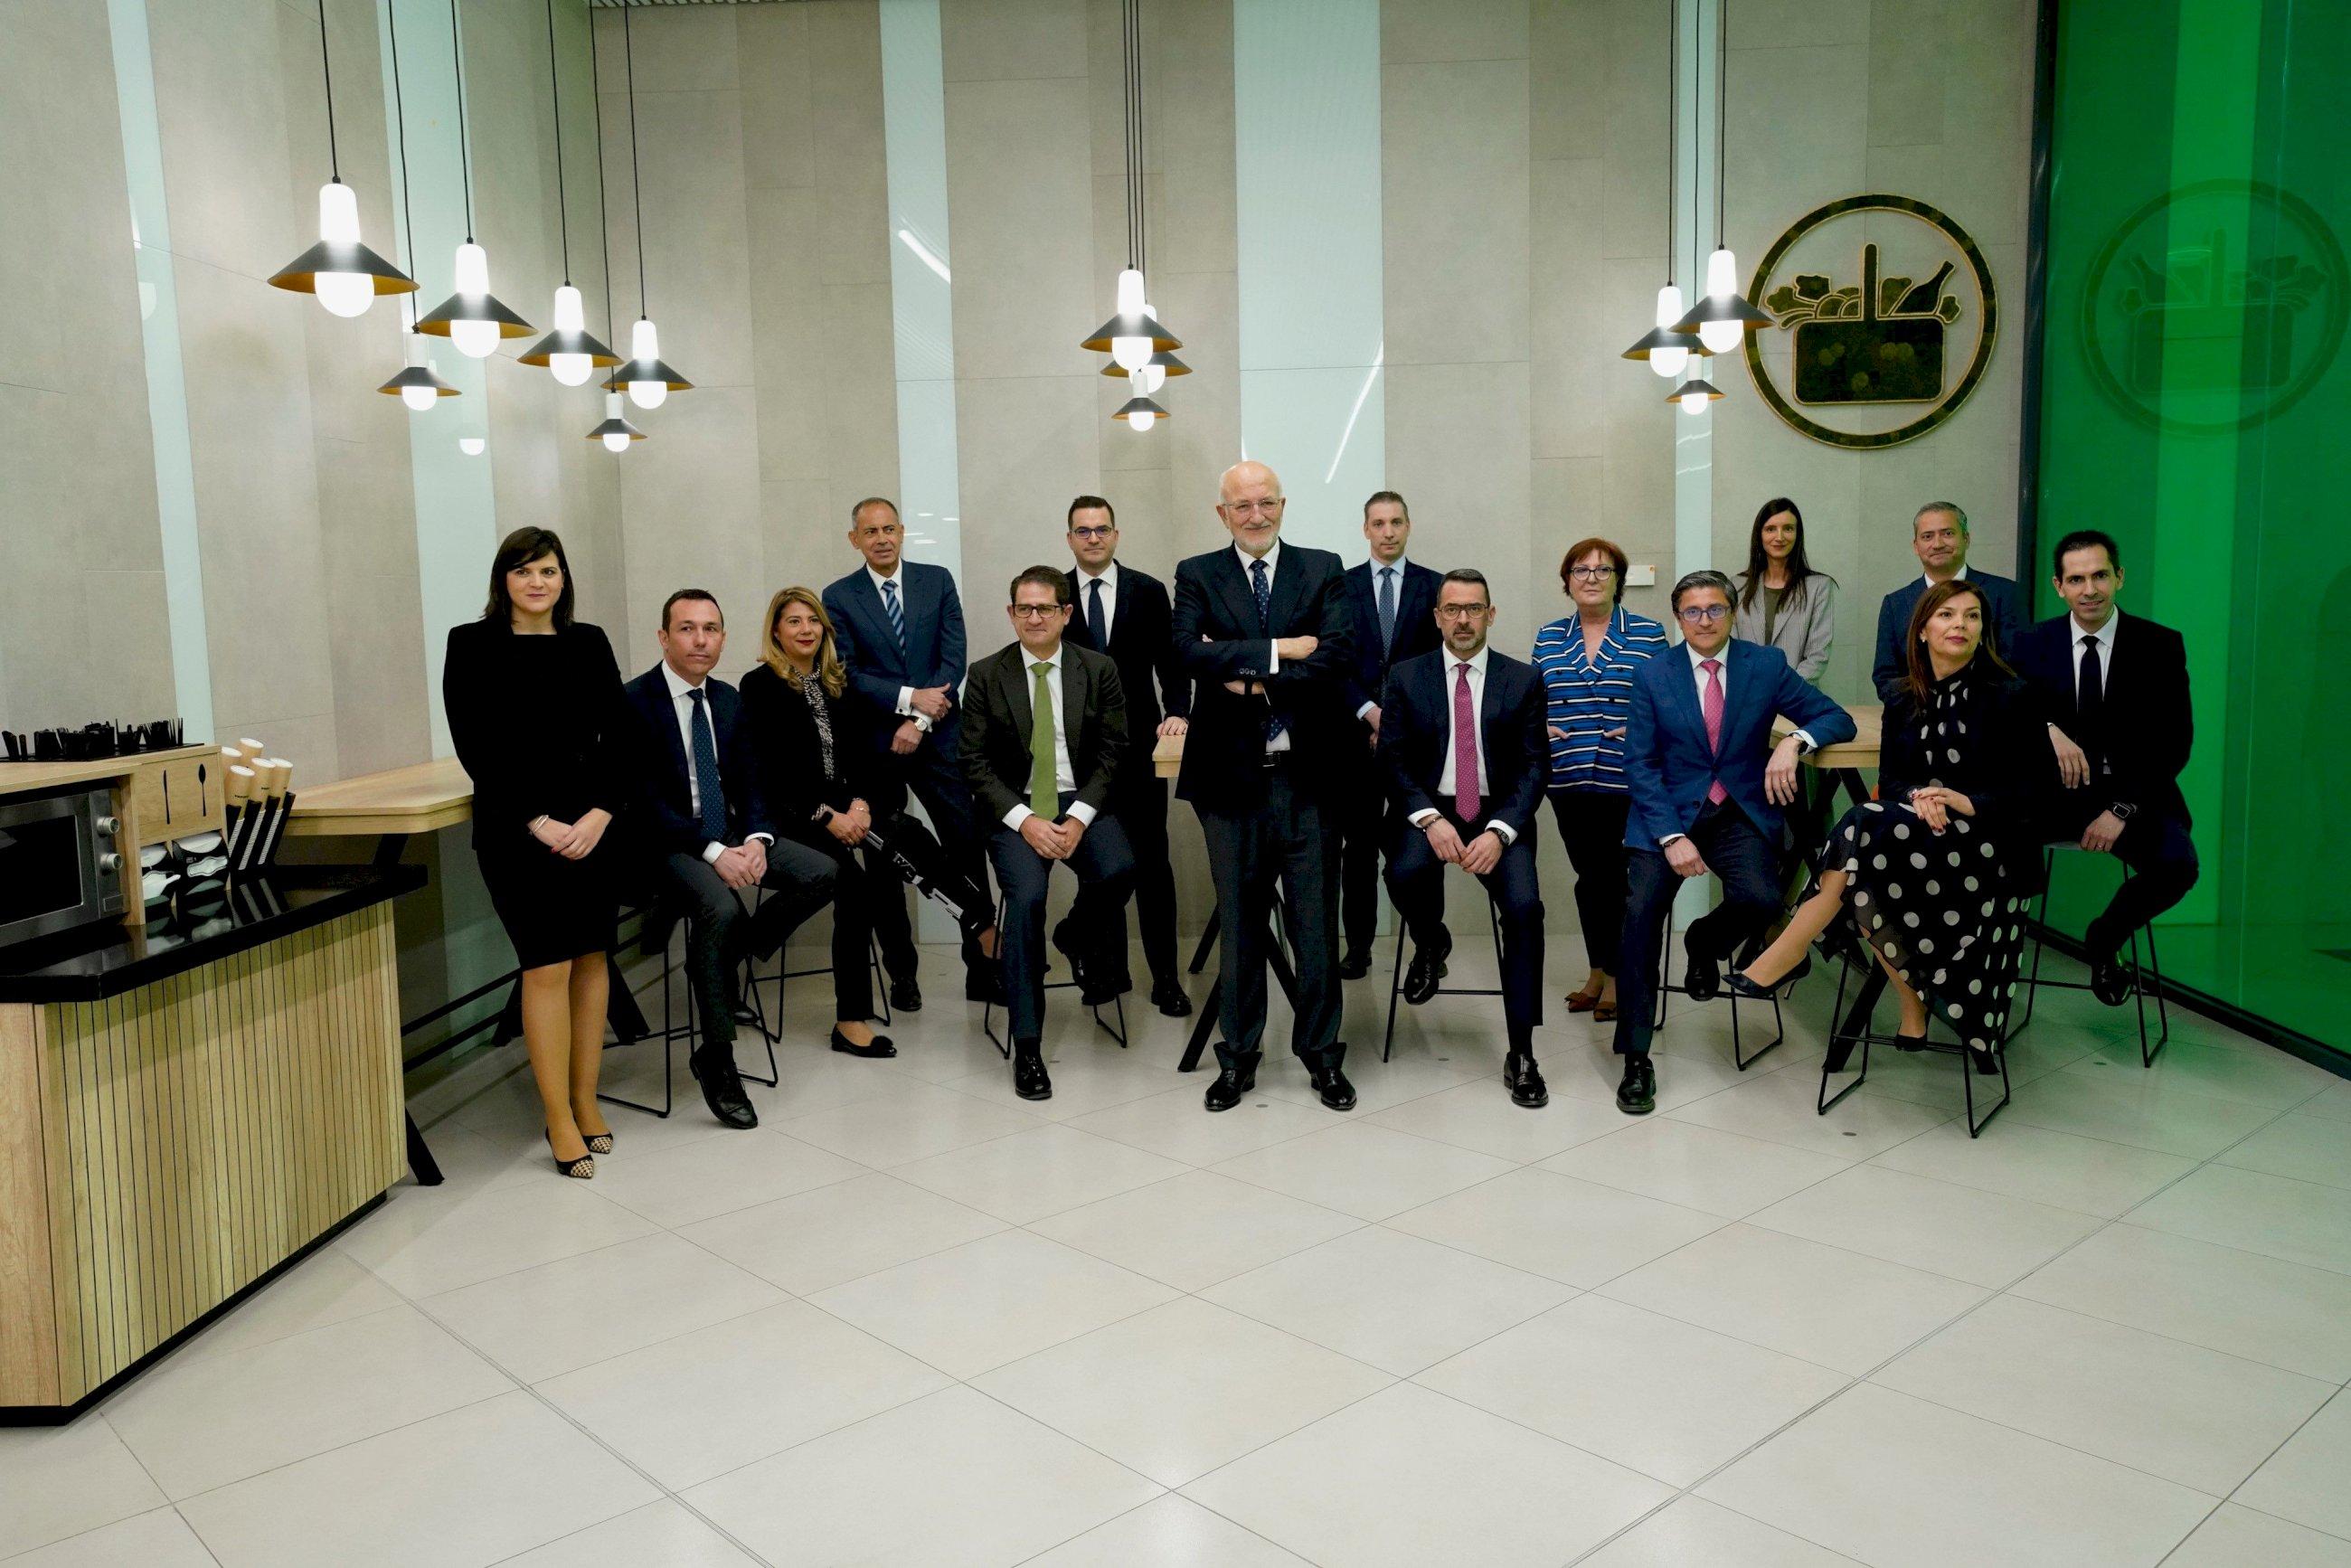 juan roig y miembros del comite de direccion de merrcadona en la zona de mesa sy